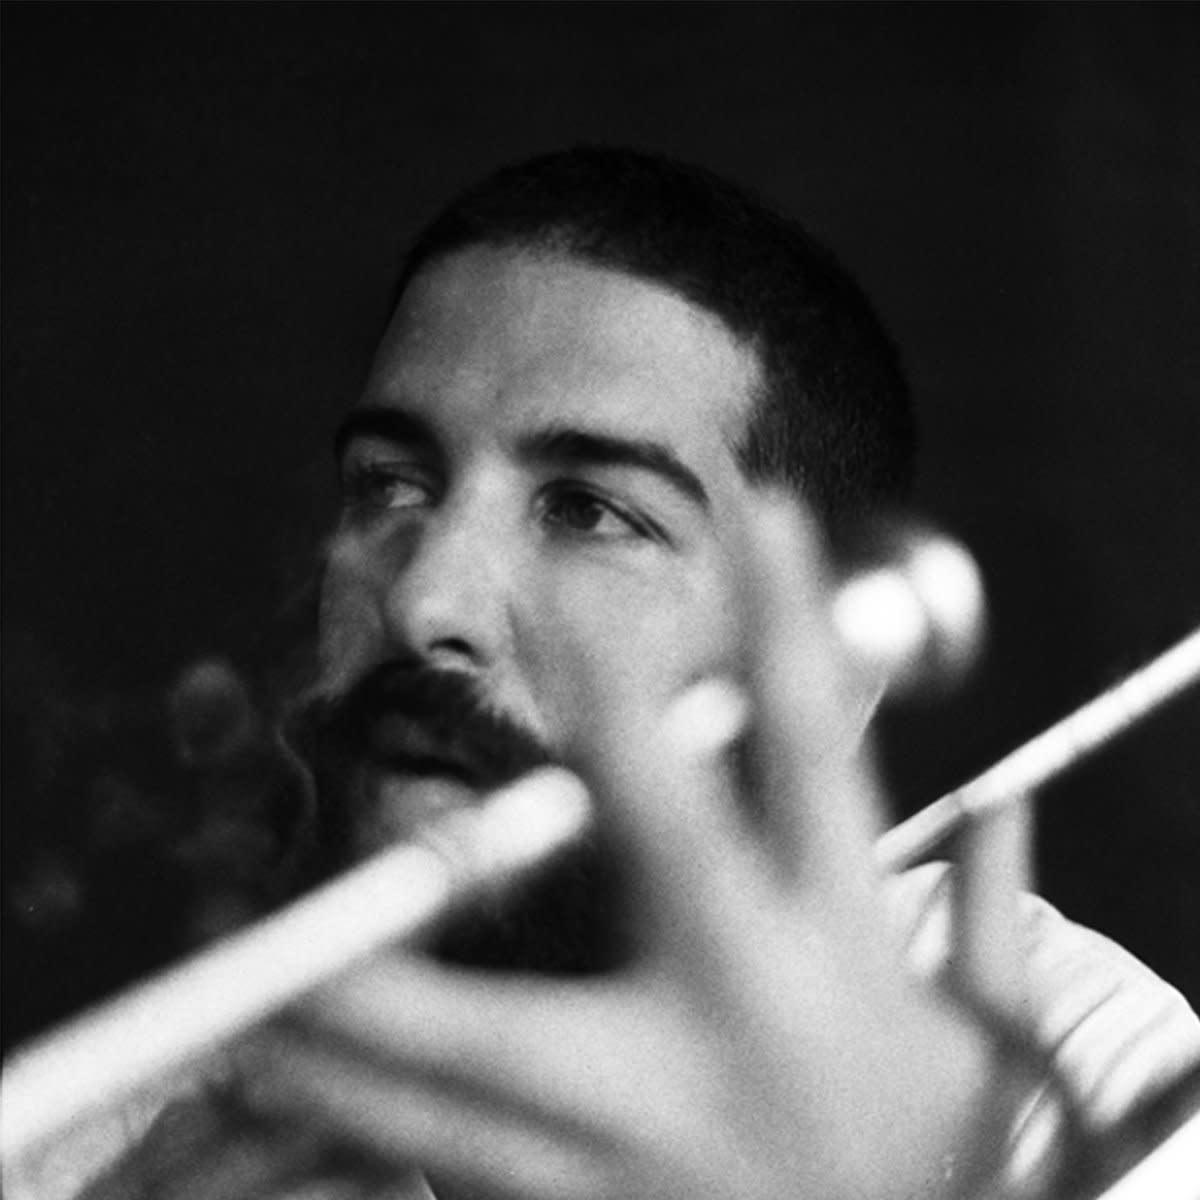 Far Out Recordings Antonio Neves - A Pegada Agora É Essa (The Sway Now)